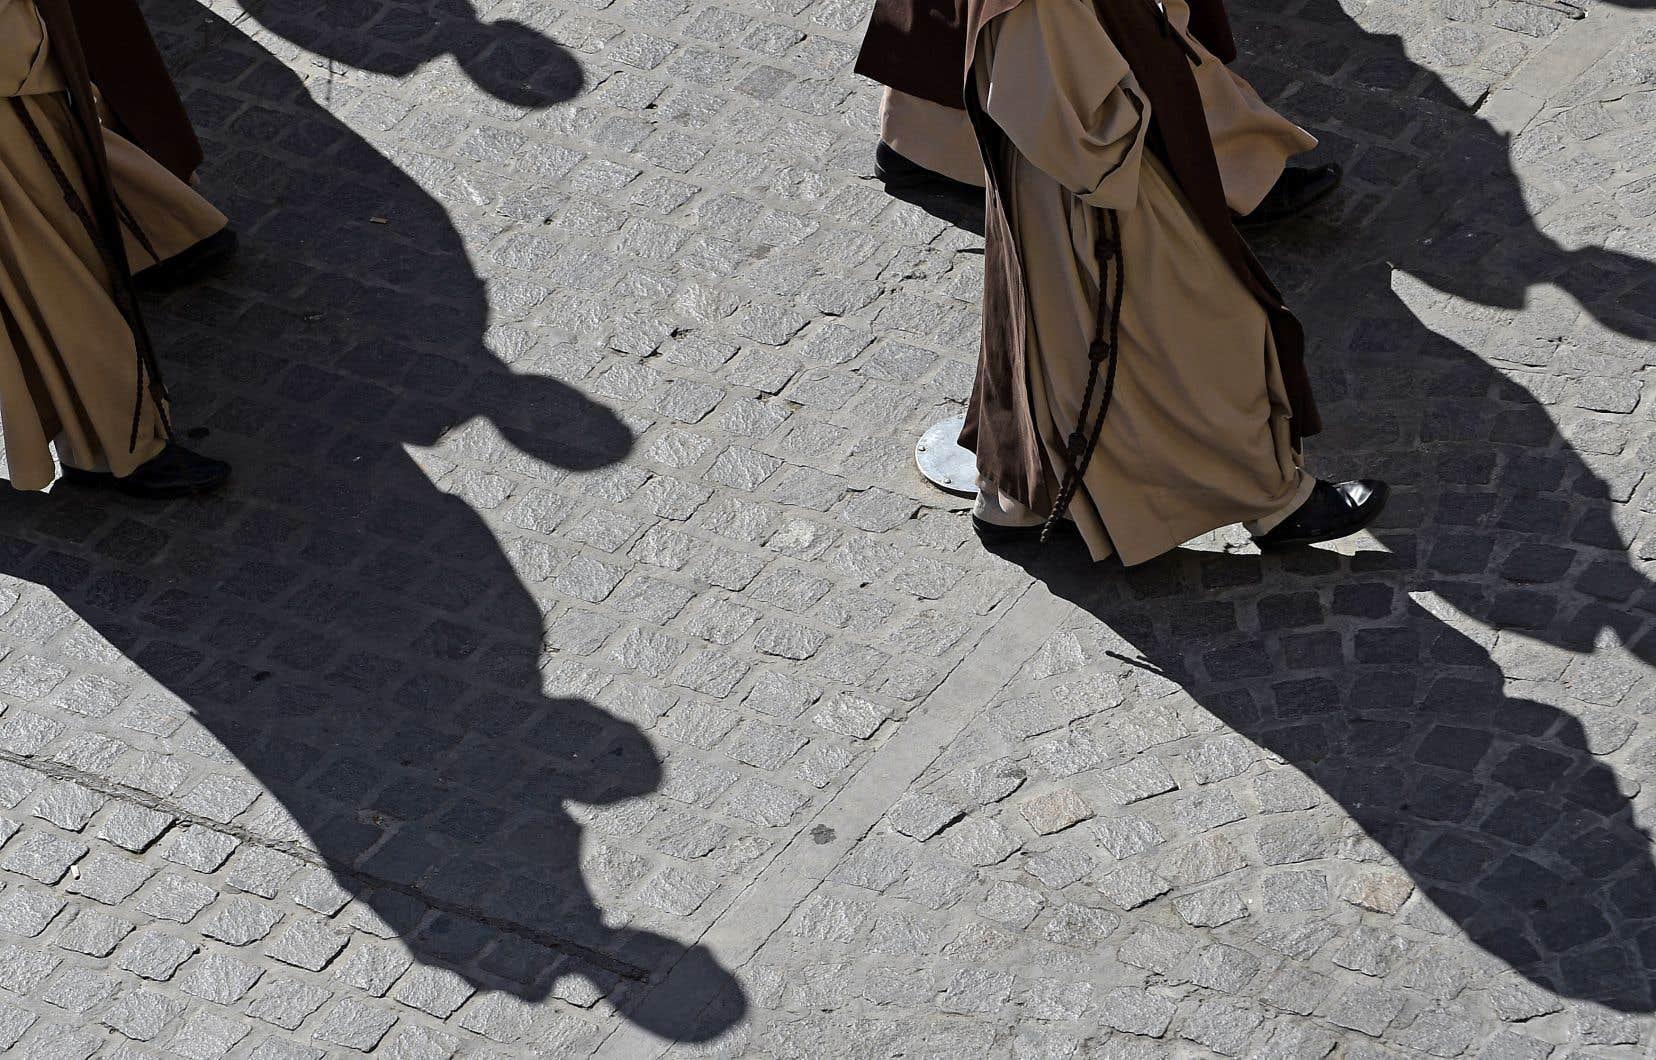 Les témoignages d'une vingtaine de victimes seront au centre du procès contre les curés et le jardinier de l'école Provolo de La Plata.